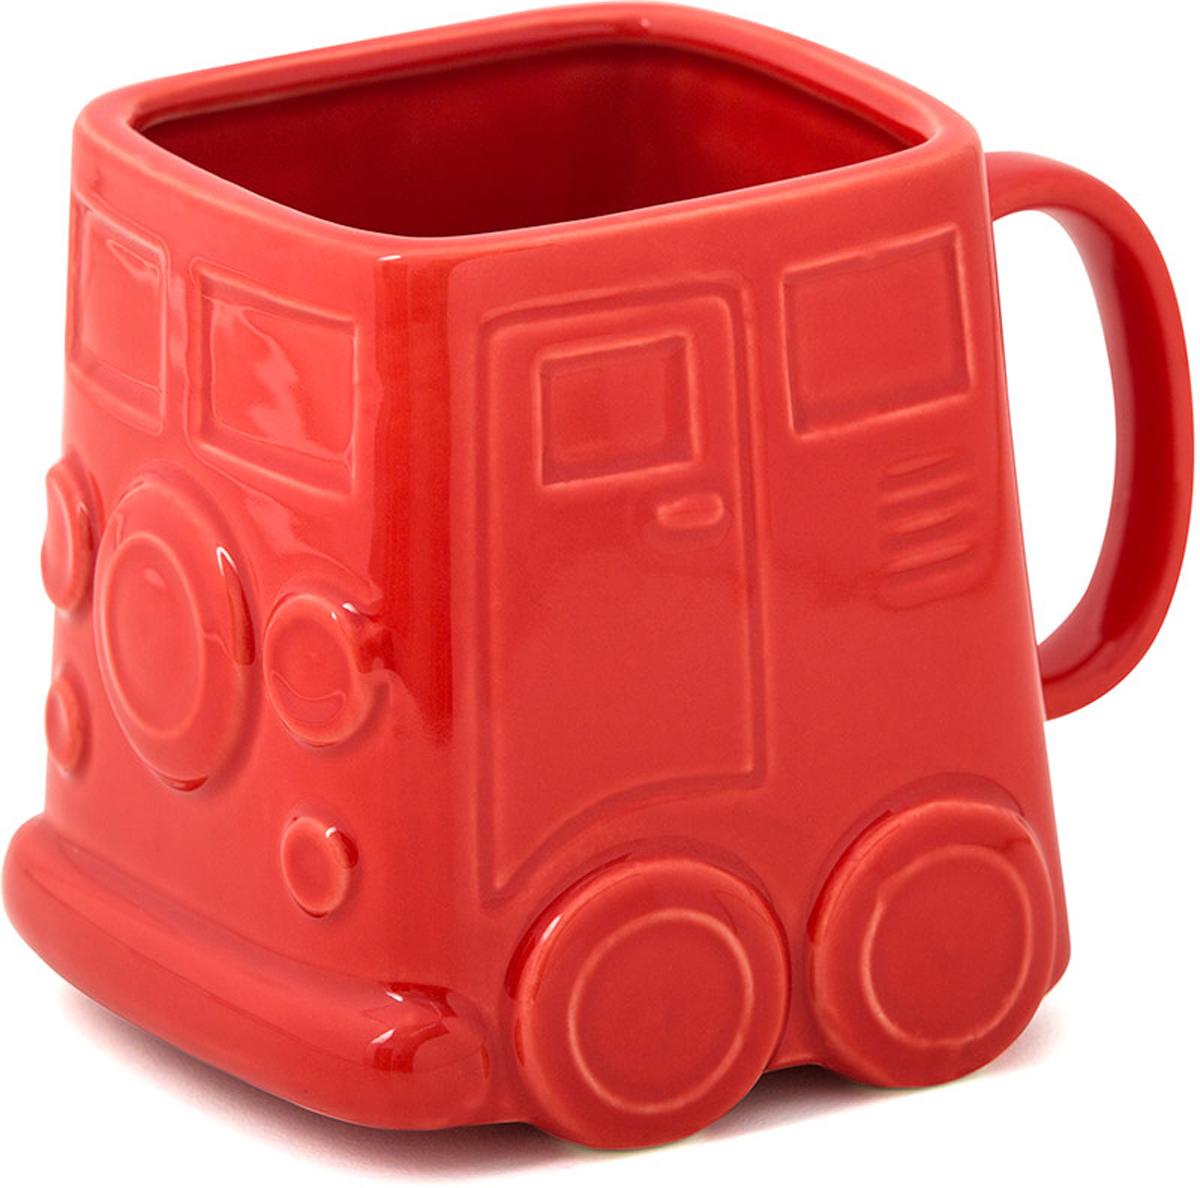 Кружка Balvi Van, цвет: красный, 400 мл26641Оригинальная кружка Van отлично подойдет всем любителям стильных аксессуаров для своей кухни. Кружка красного цвета выполнена в необычной прямоугольной форме и оформлена в виде забавного хиппи-фургона на колесах. Коллекционеры и просто любители необычных кружек обязательно оценят данную модель от испанских дизайнеров. Керамический материал обеспечивает необходимую прочность, и способствует тому, чтобы напиток не обжигал, но при этом долго сохранял тепло.- Оригинальный дизайн хиппи-фургончика 60-х годов XX века.- Детализированная проработка внешнего вида.- Яркий насыщенный цвет.- Отличный подарок коллекционерам и просто любителям стильных вещей.- Объем: 400 мл.